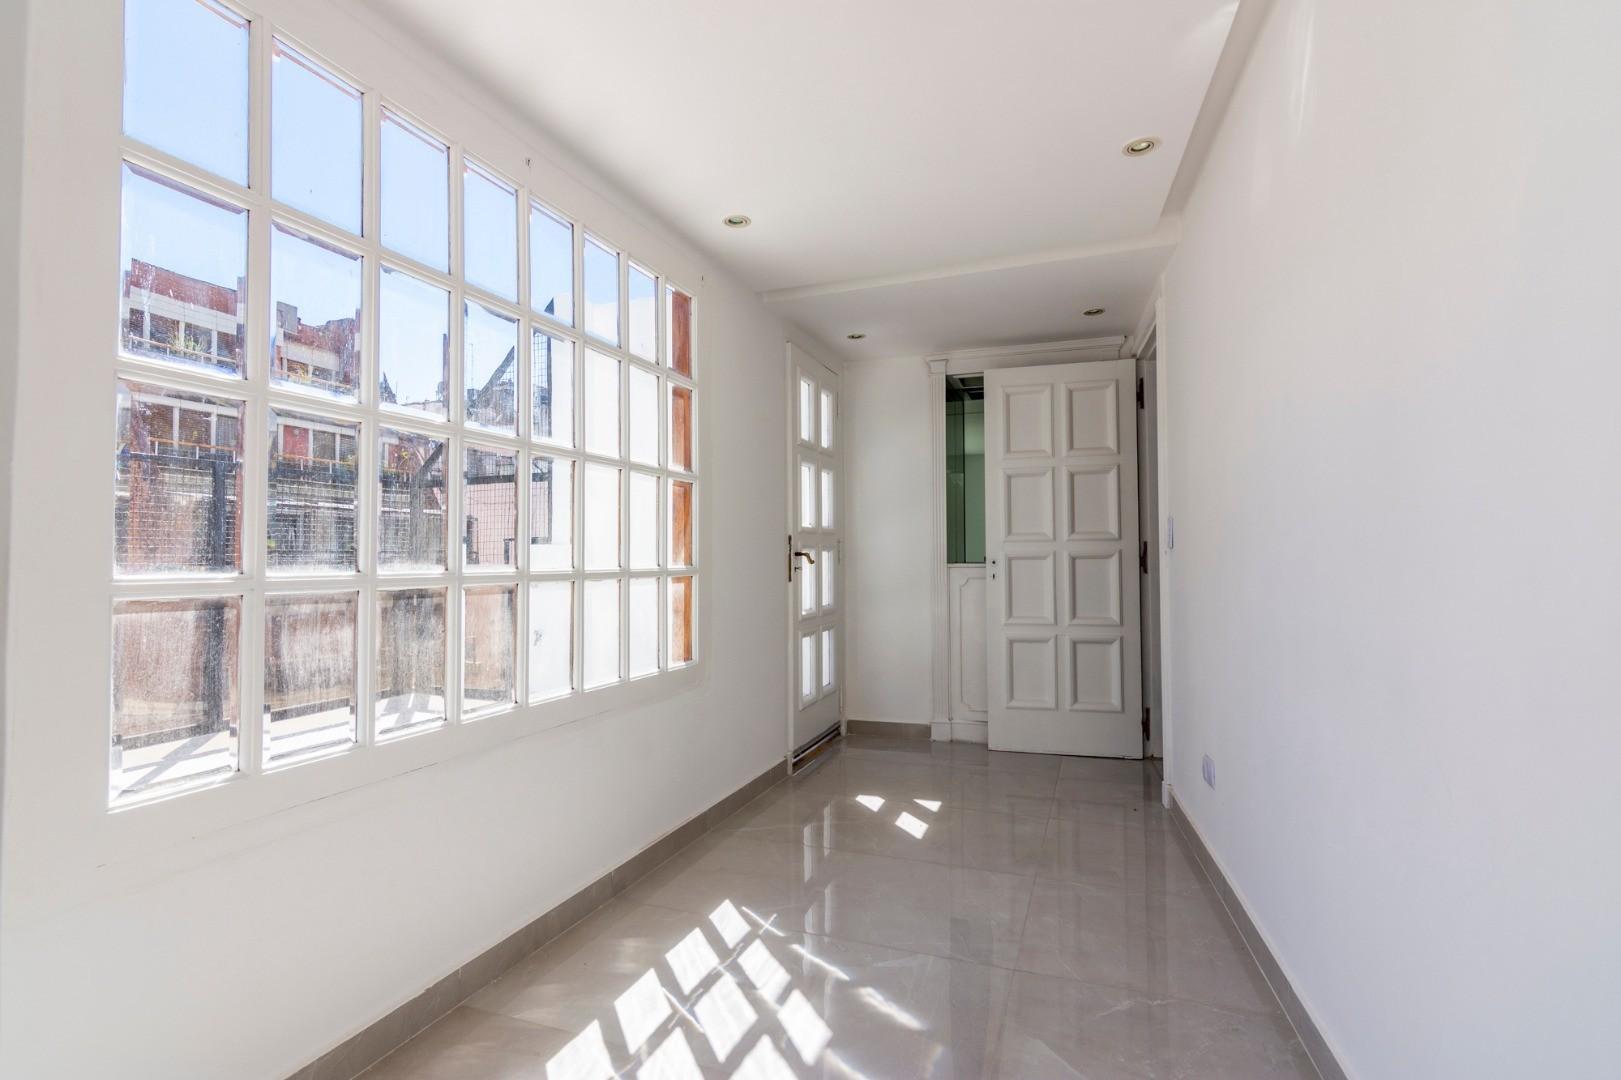 Departamento - 140 m² | 3 dormitorios | 38 años